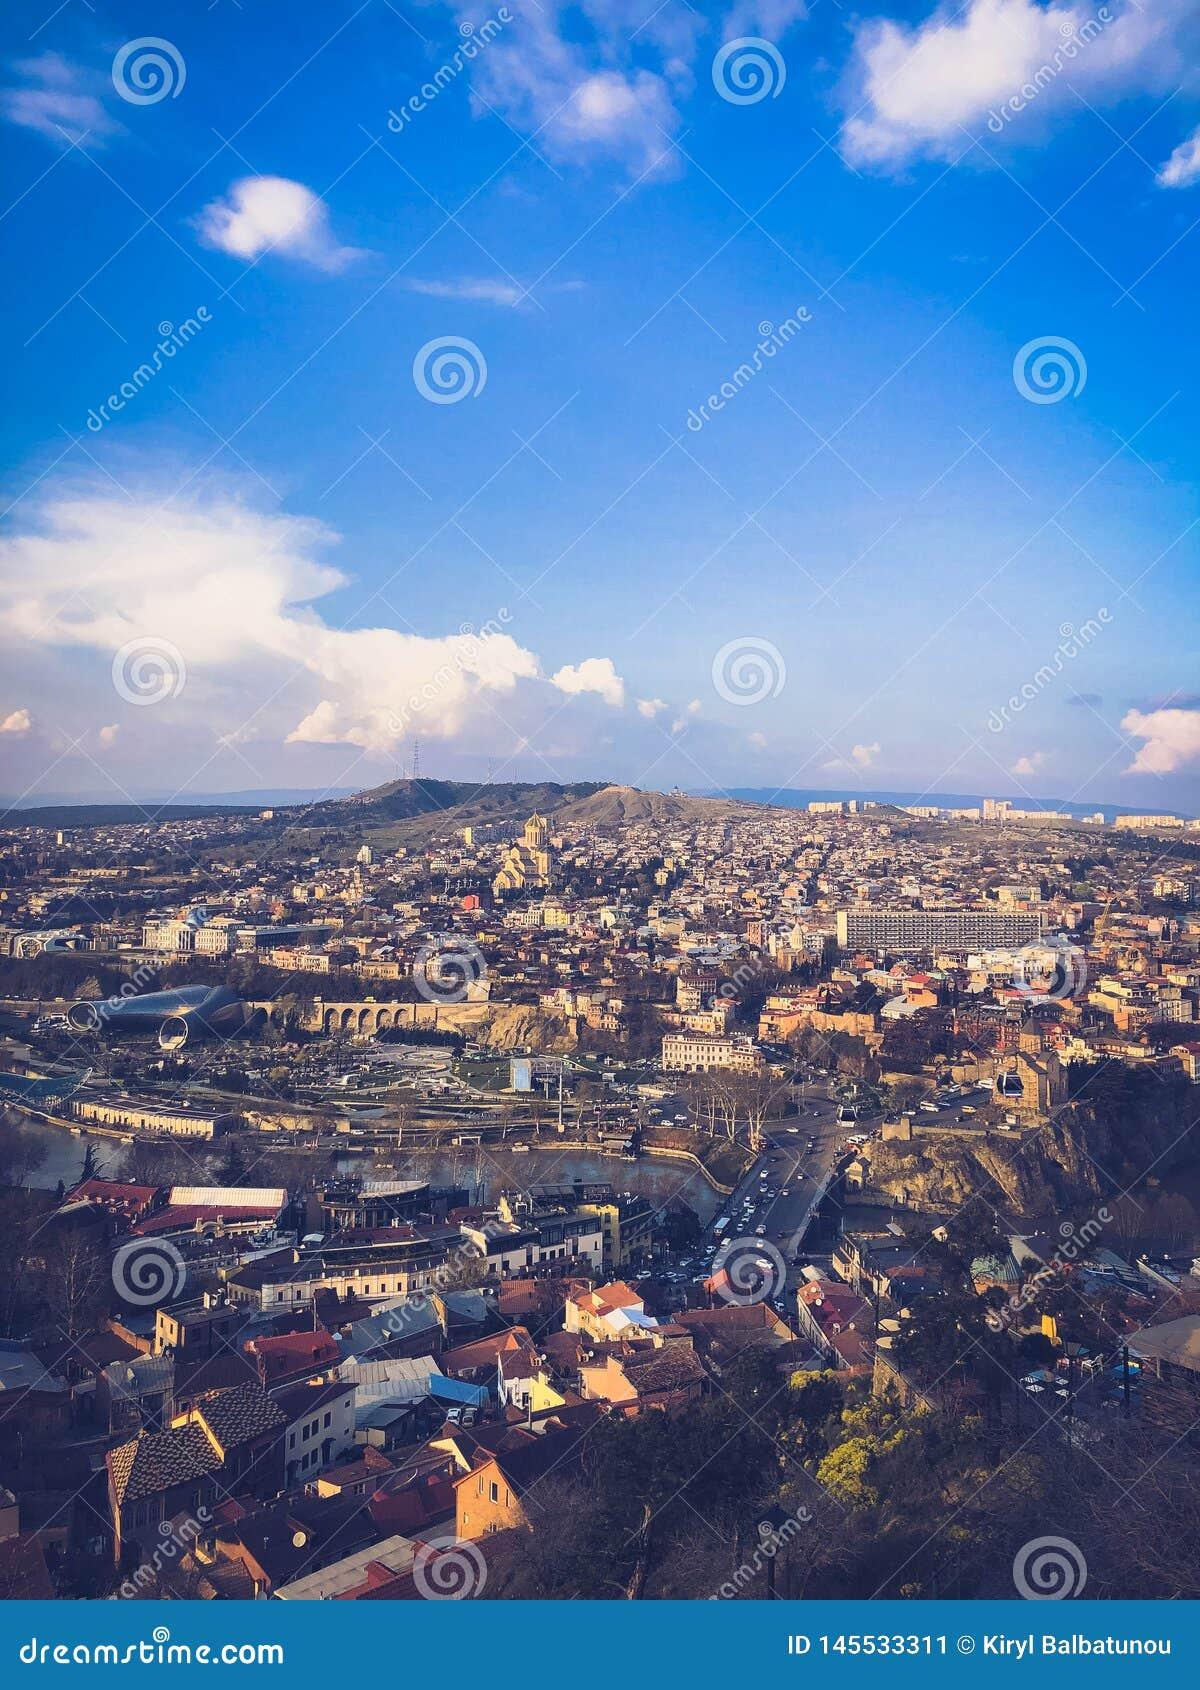 Visi?n vertical desde el top de una altura de una ciudad tur?stica hermosa con los edificios y las casas, de tejados de ?rboles y